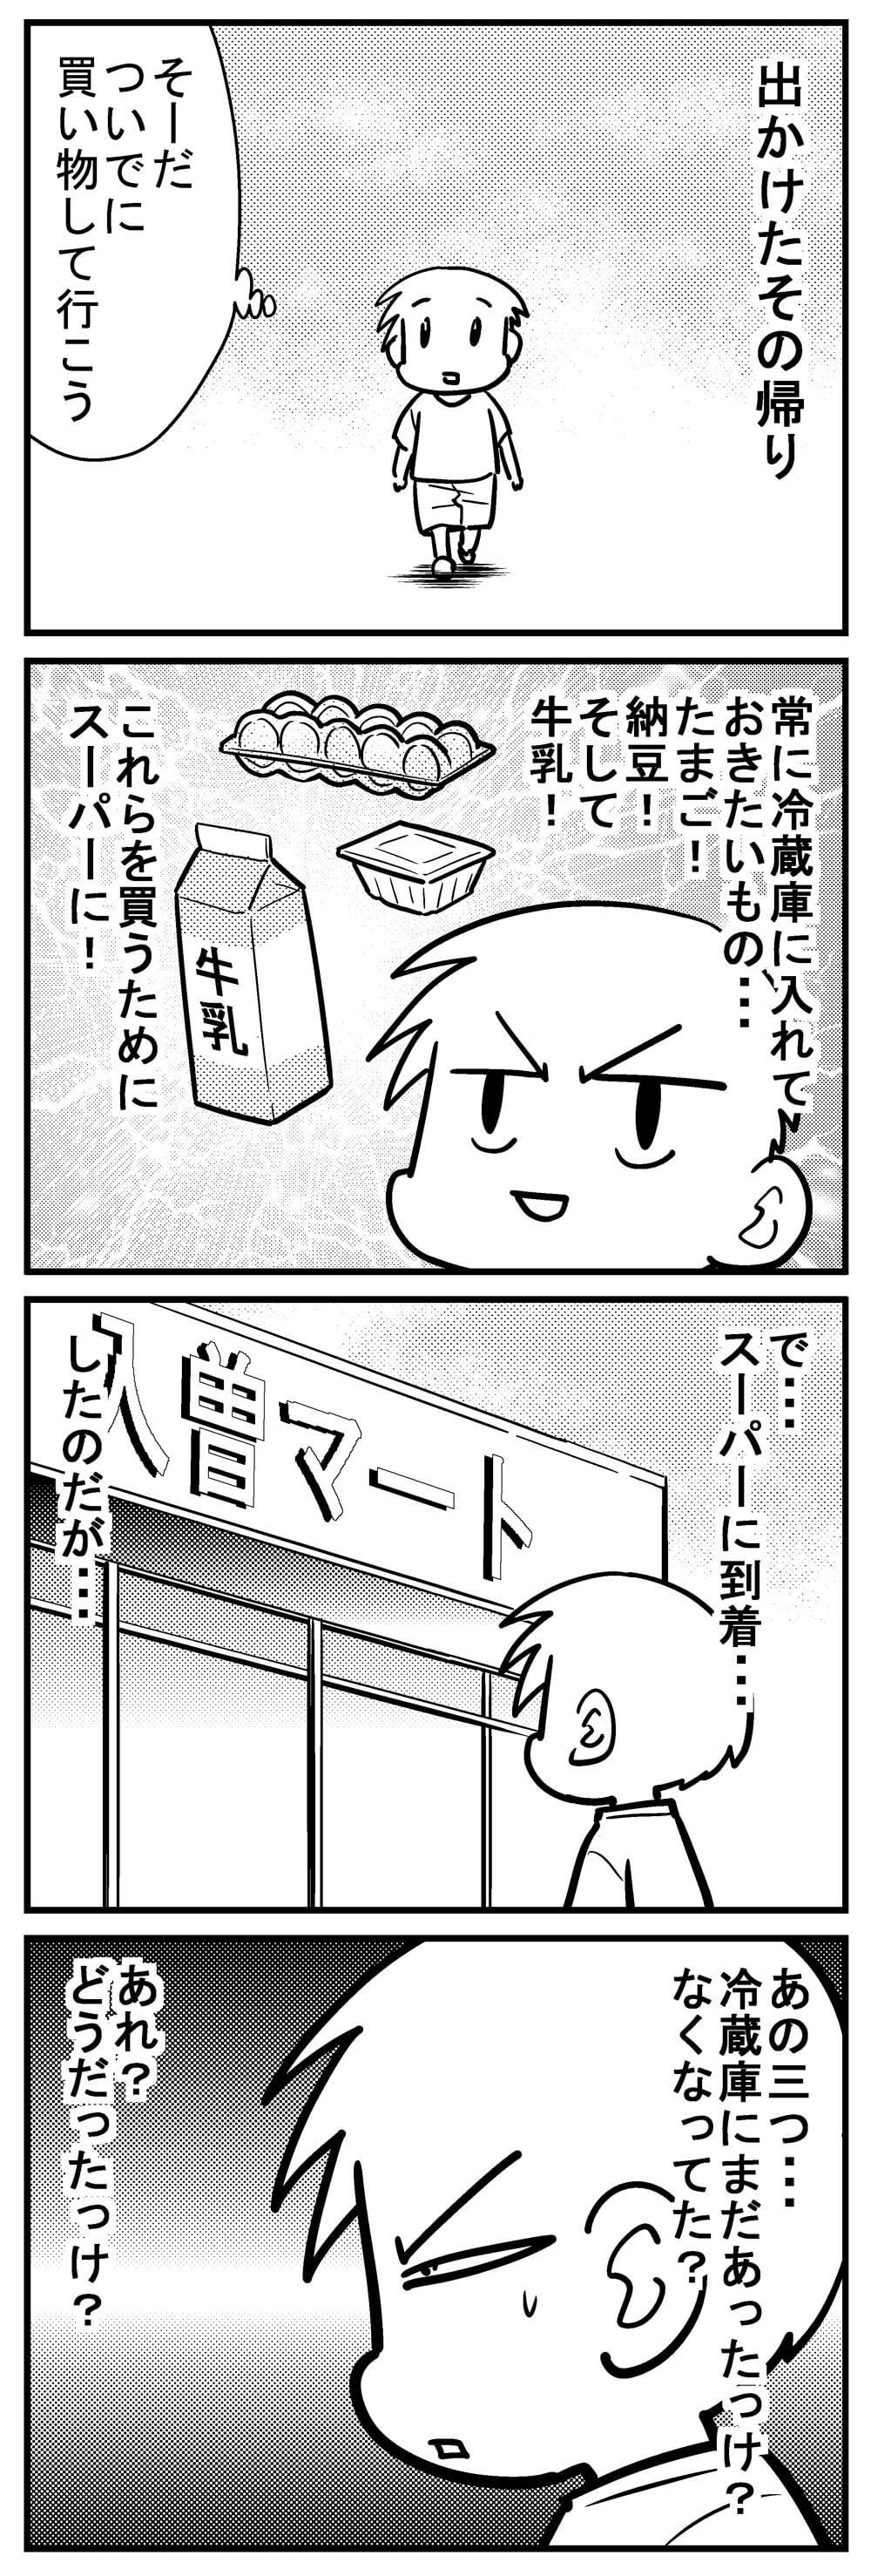 深読みくん149--1